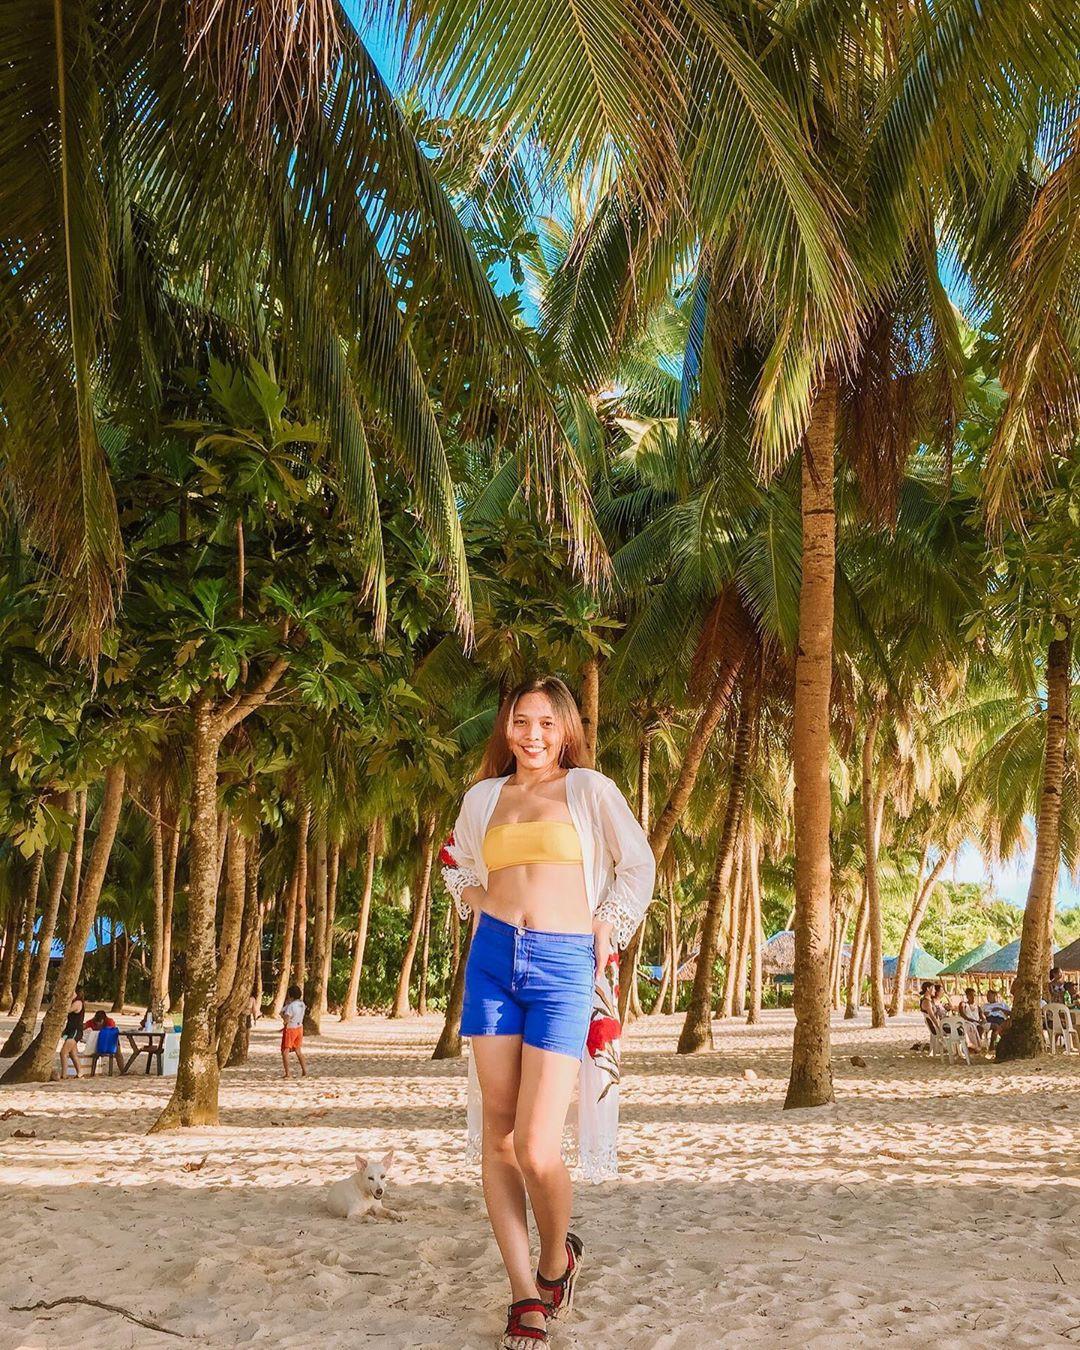 Vượt qua cả Bali và Hawaii, ốc đảo hình giọt nước kỳ lạ ở Philippines được tạp chí Mỹ bình chọn đẹp nhất thế giới - Ảnh 12.